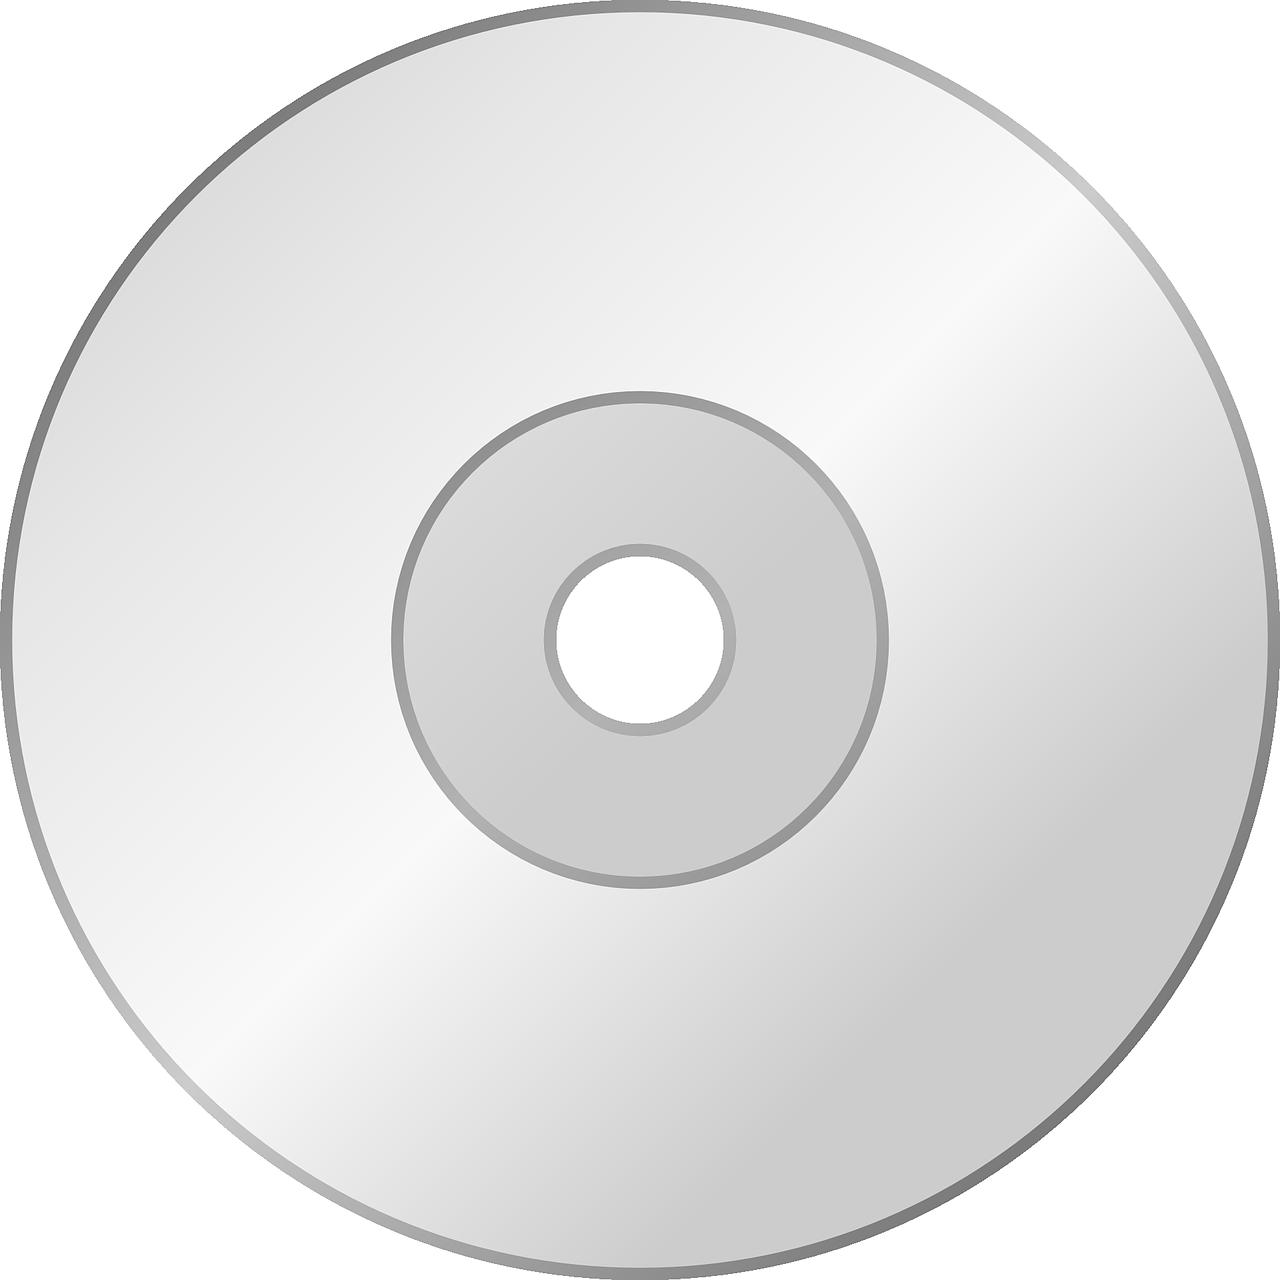 Archiviazione ottica: perché fare questo passo